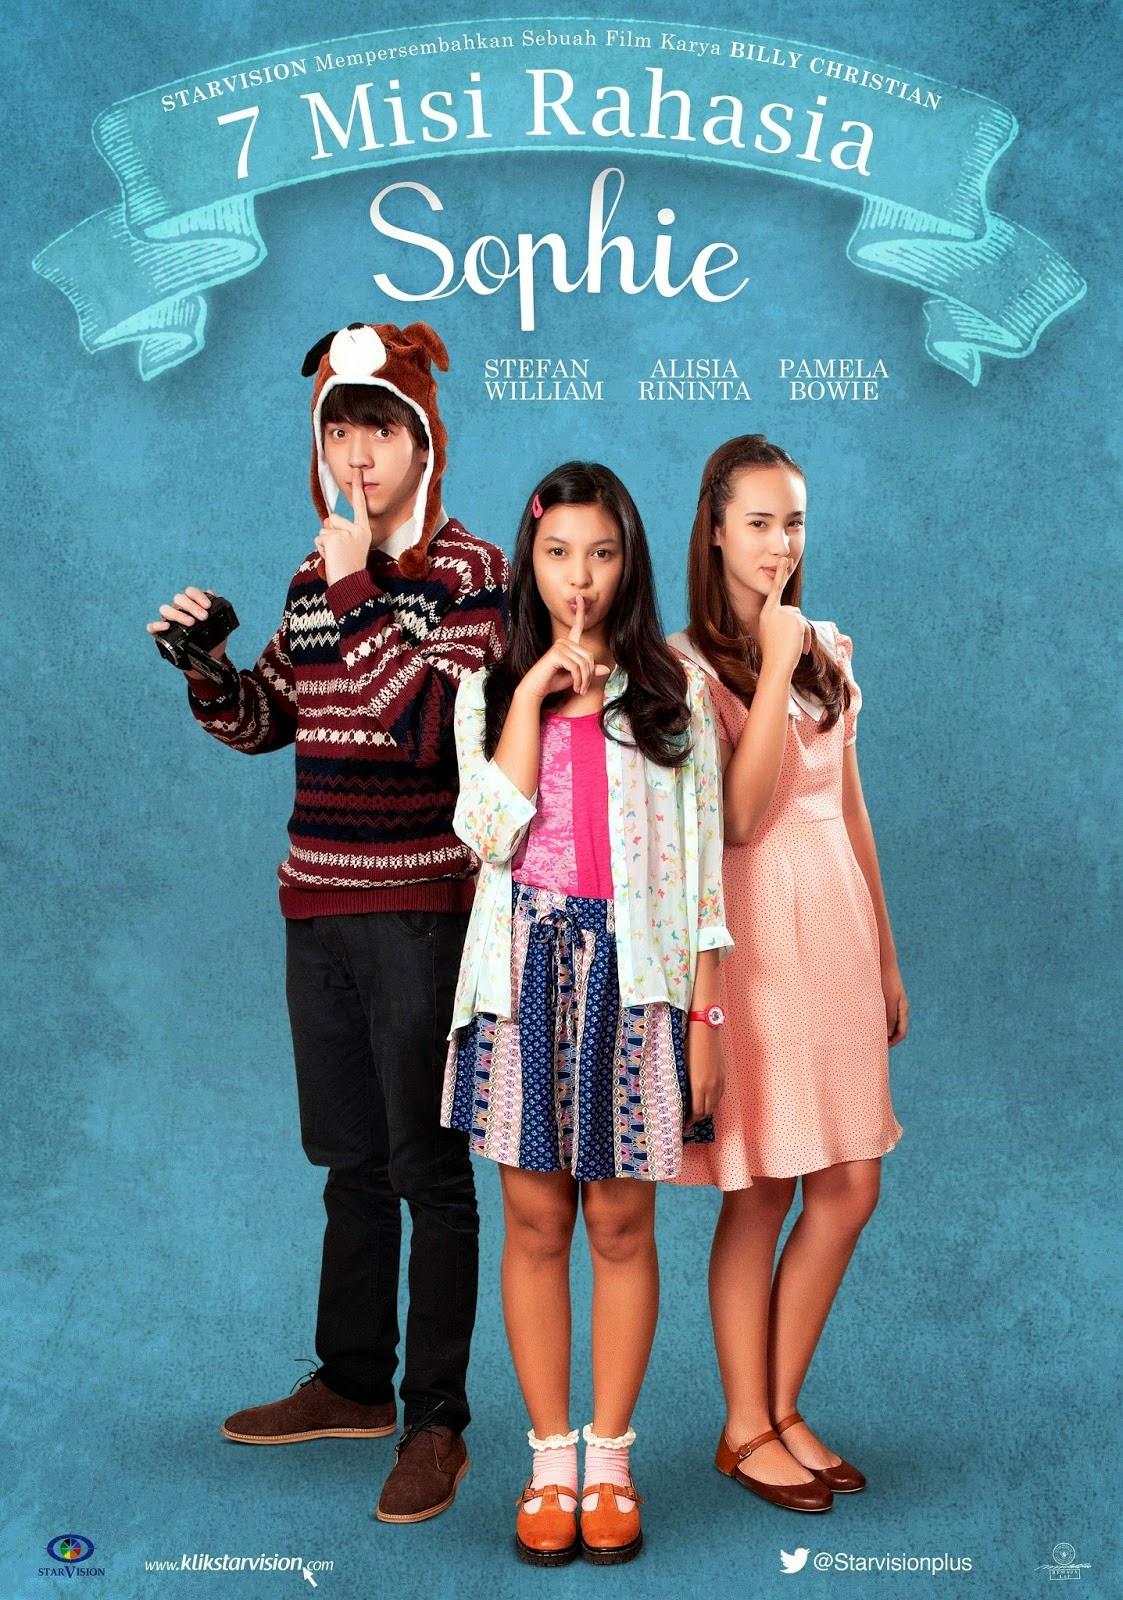 Download 7 Misi Rahasia Sophie Tersedia Gratis